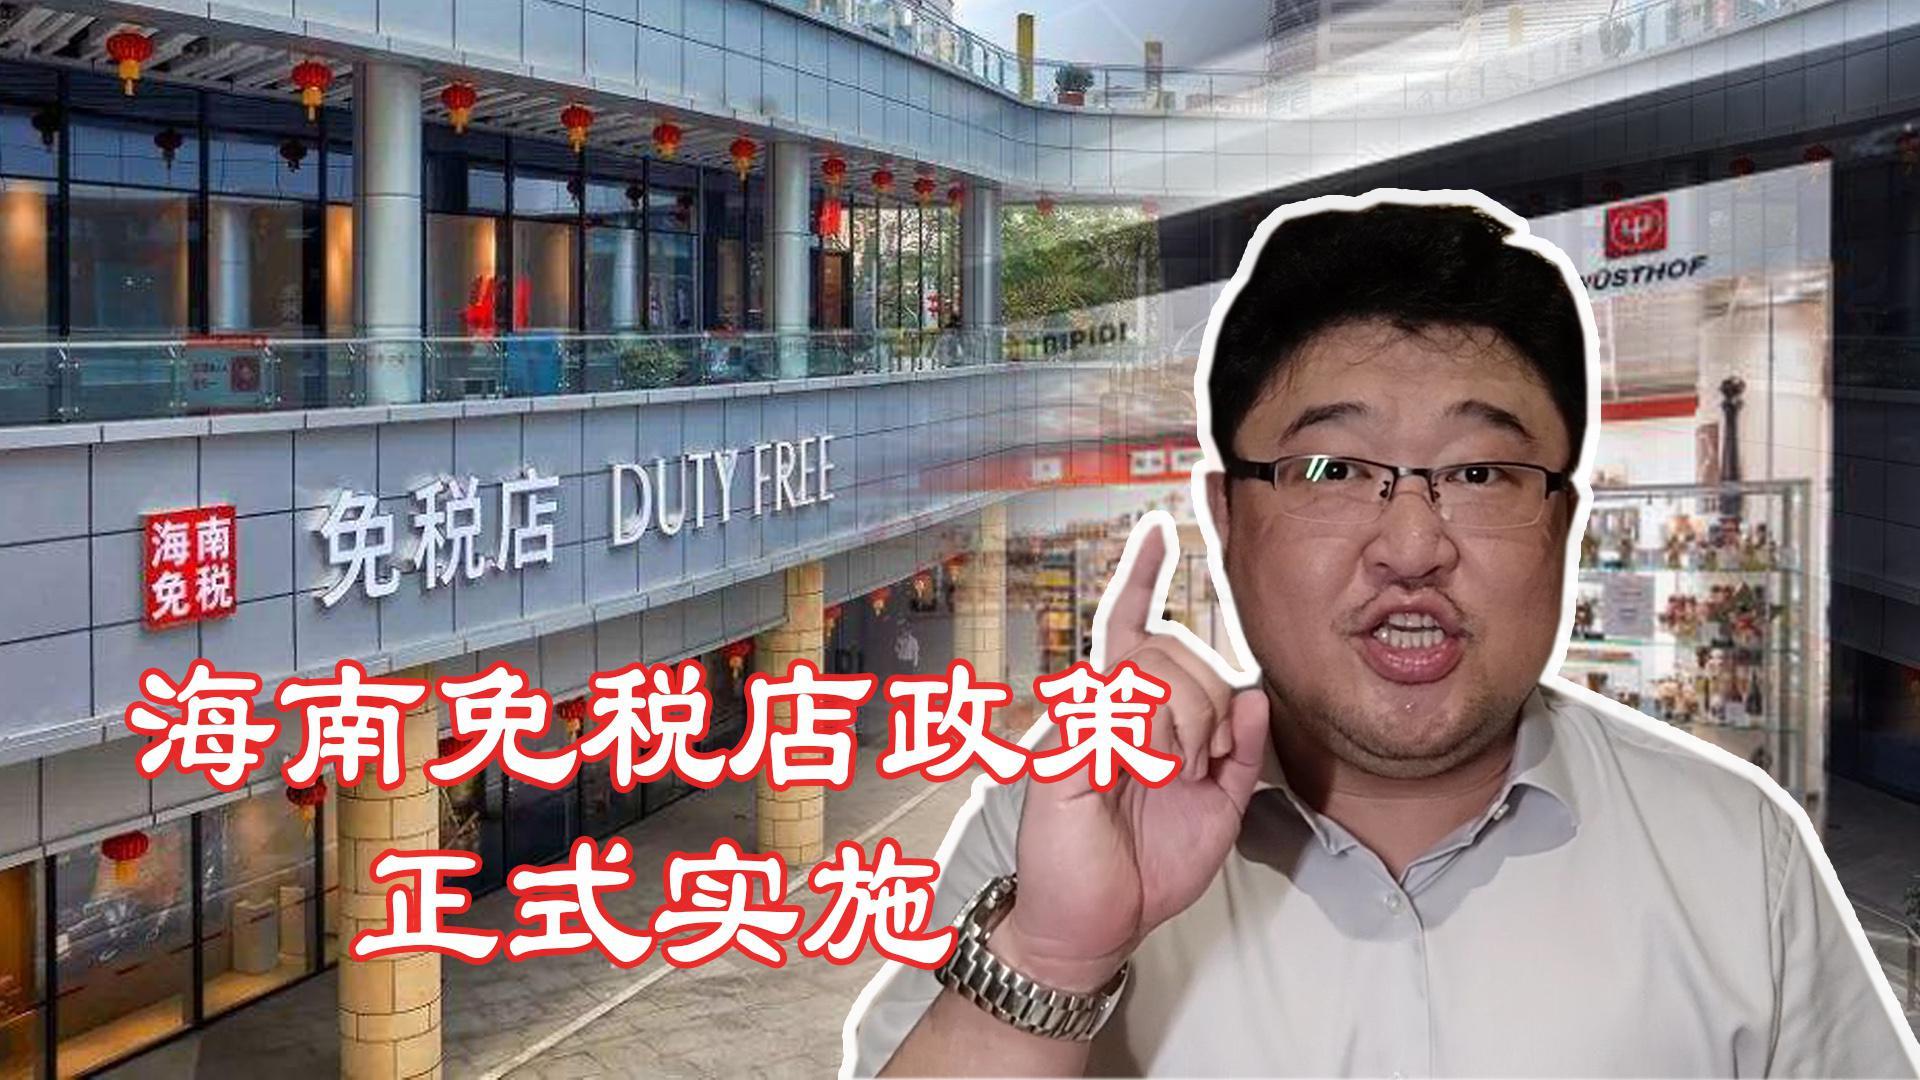 海南免税政策解读:零关税、10万购物免税,专程去海南购物划算吗